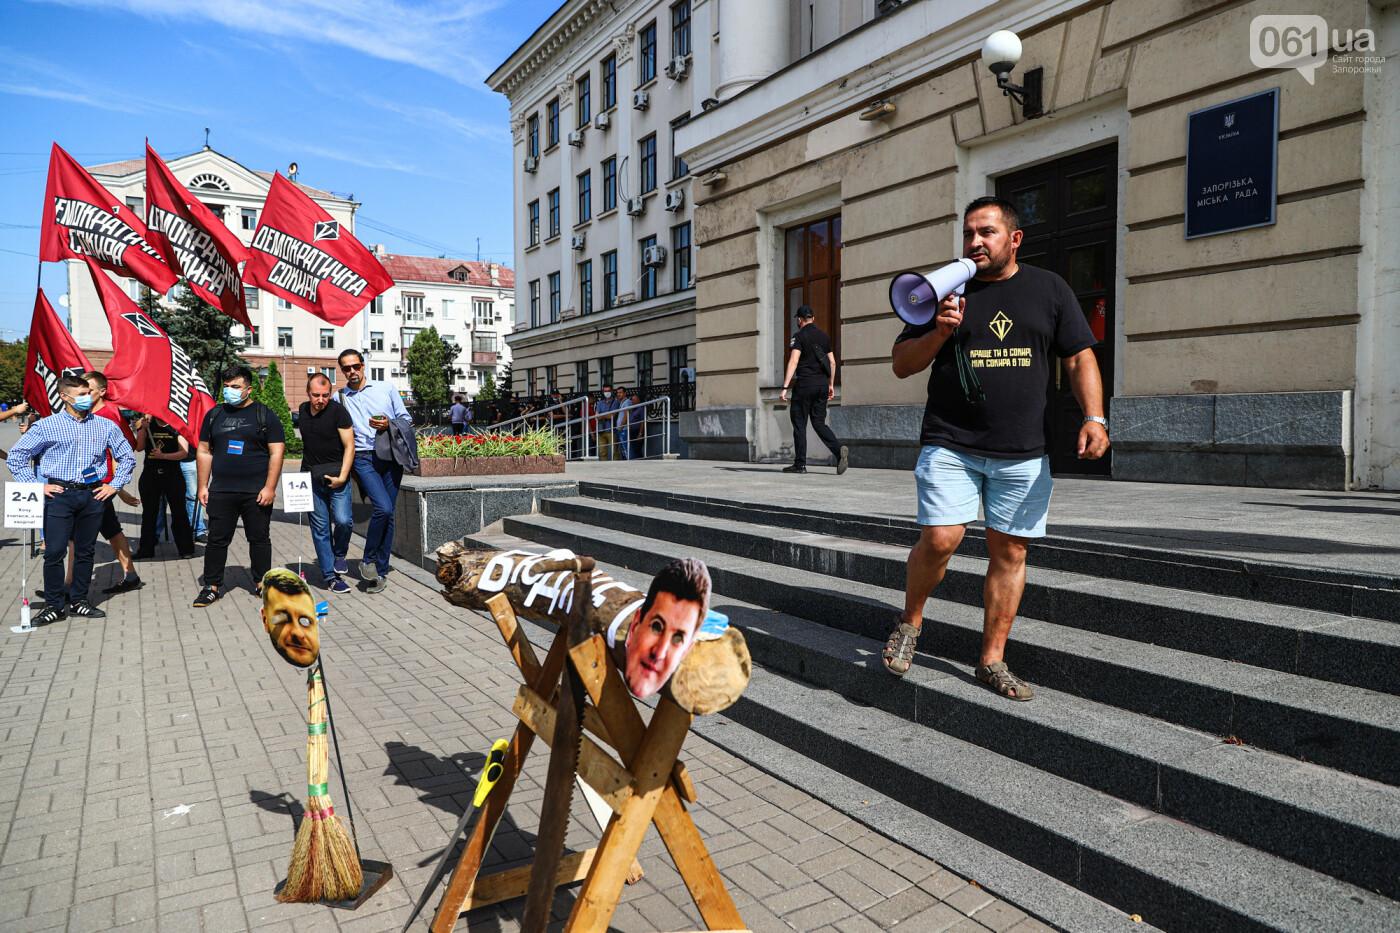 С пилами и в масках: в Запорожье возле мэрии активисты показали, как распиливают городской бюджет, - ФОТОРЕПОРТАЖ, фото-8